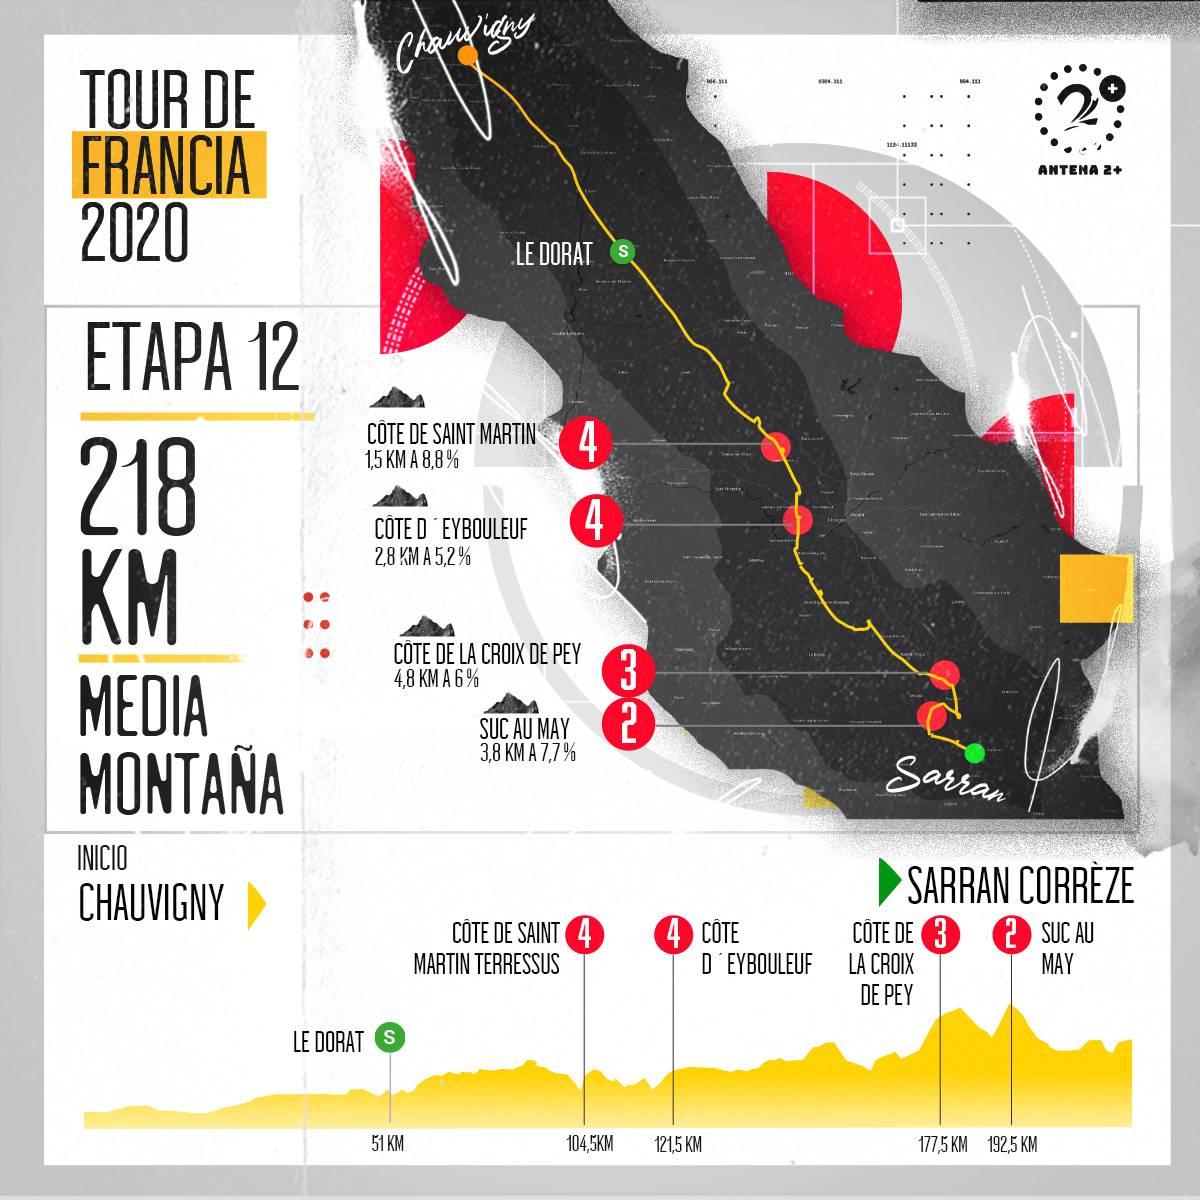 Tour de Francia, altimetrías: etapa 12